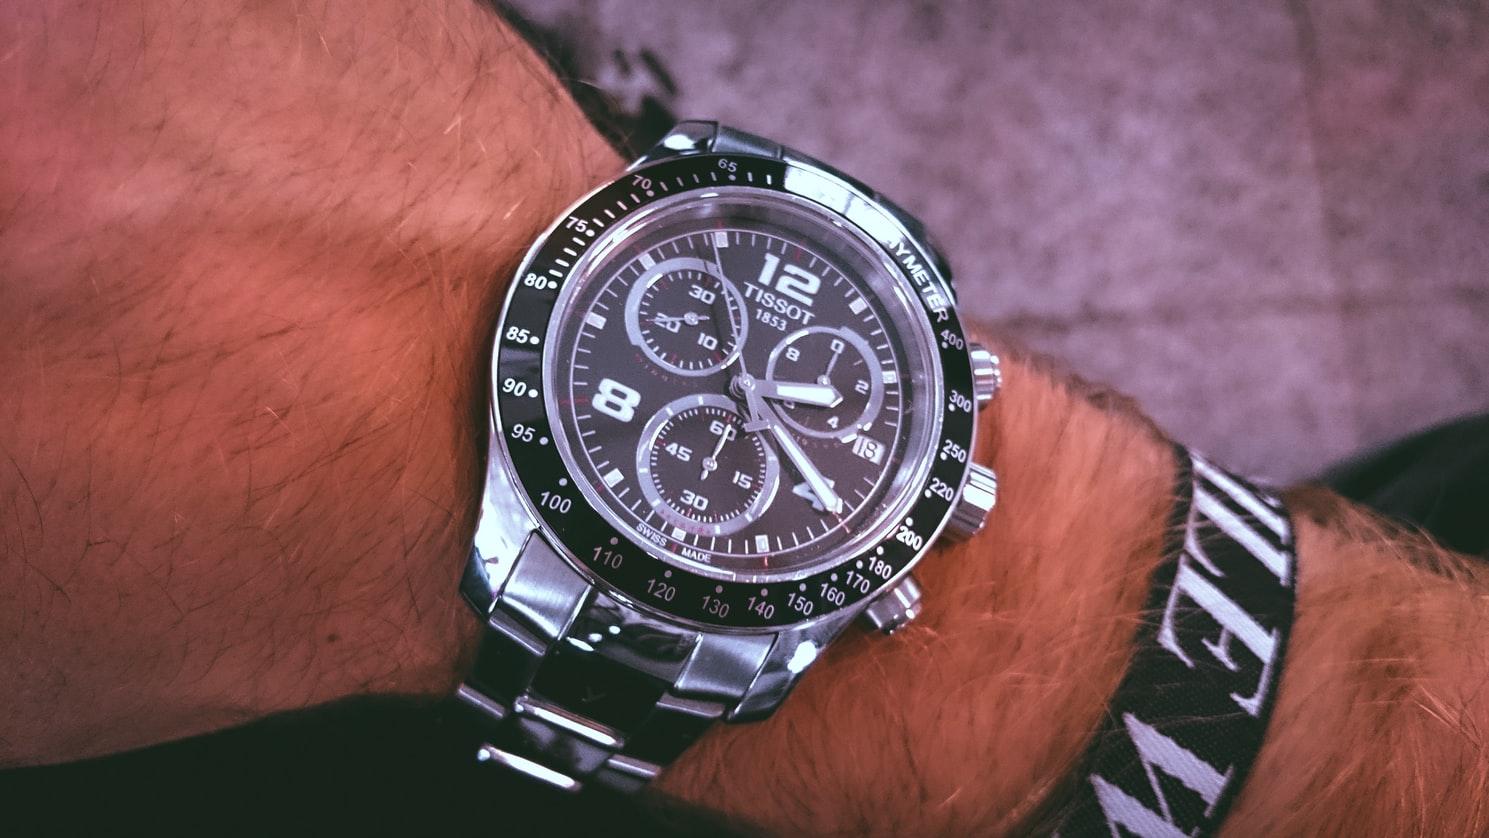 watch brands under $500